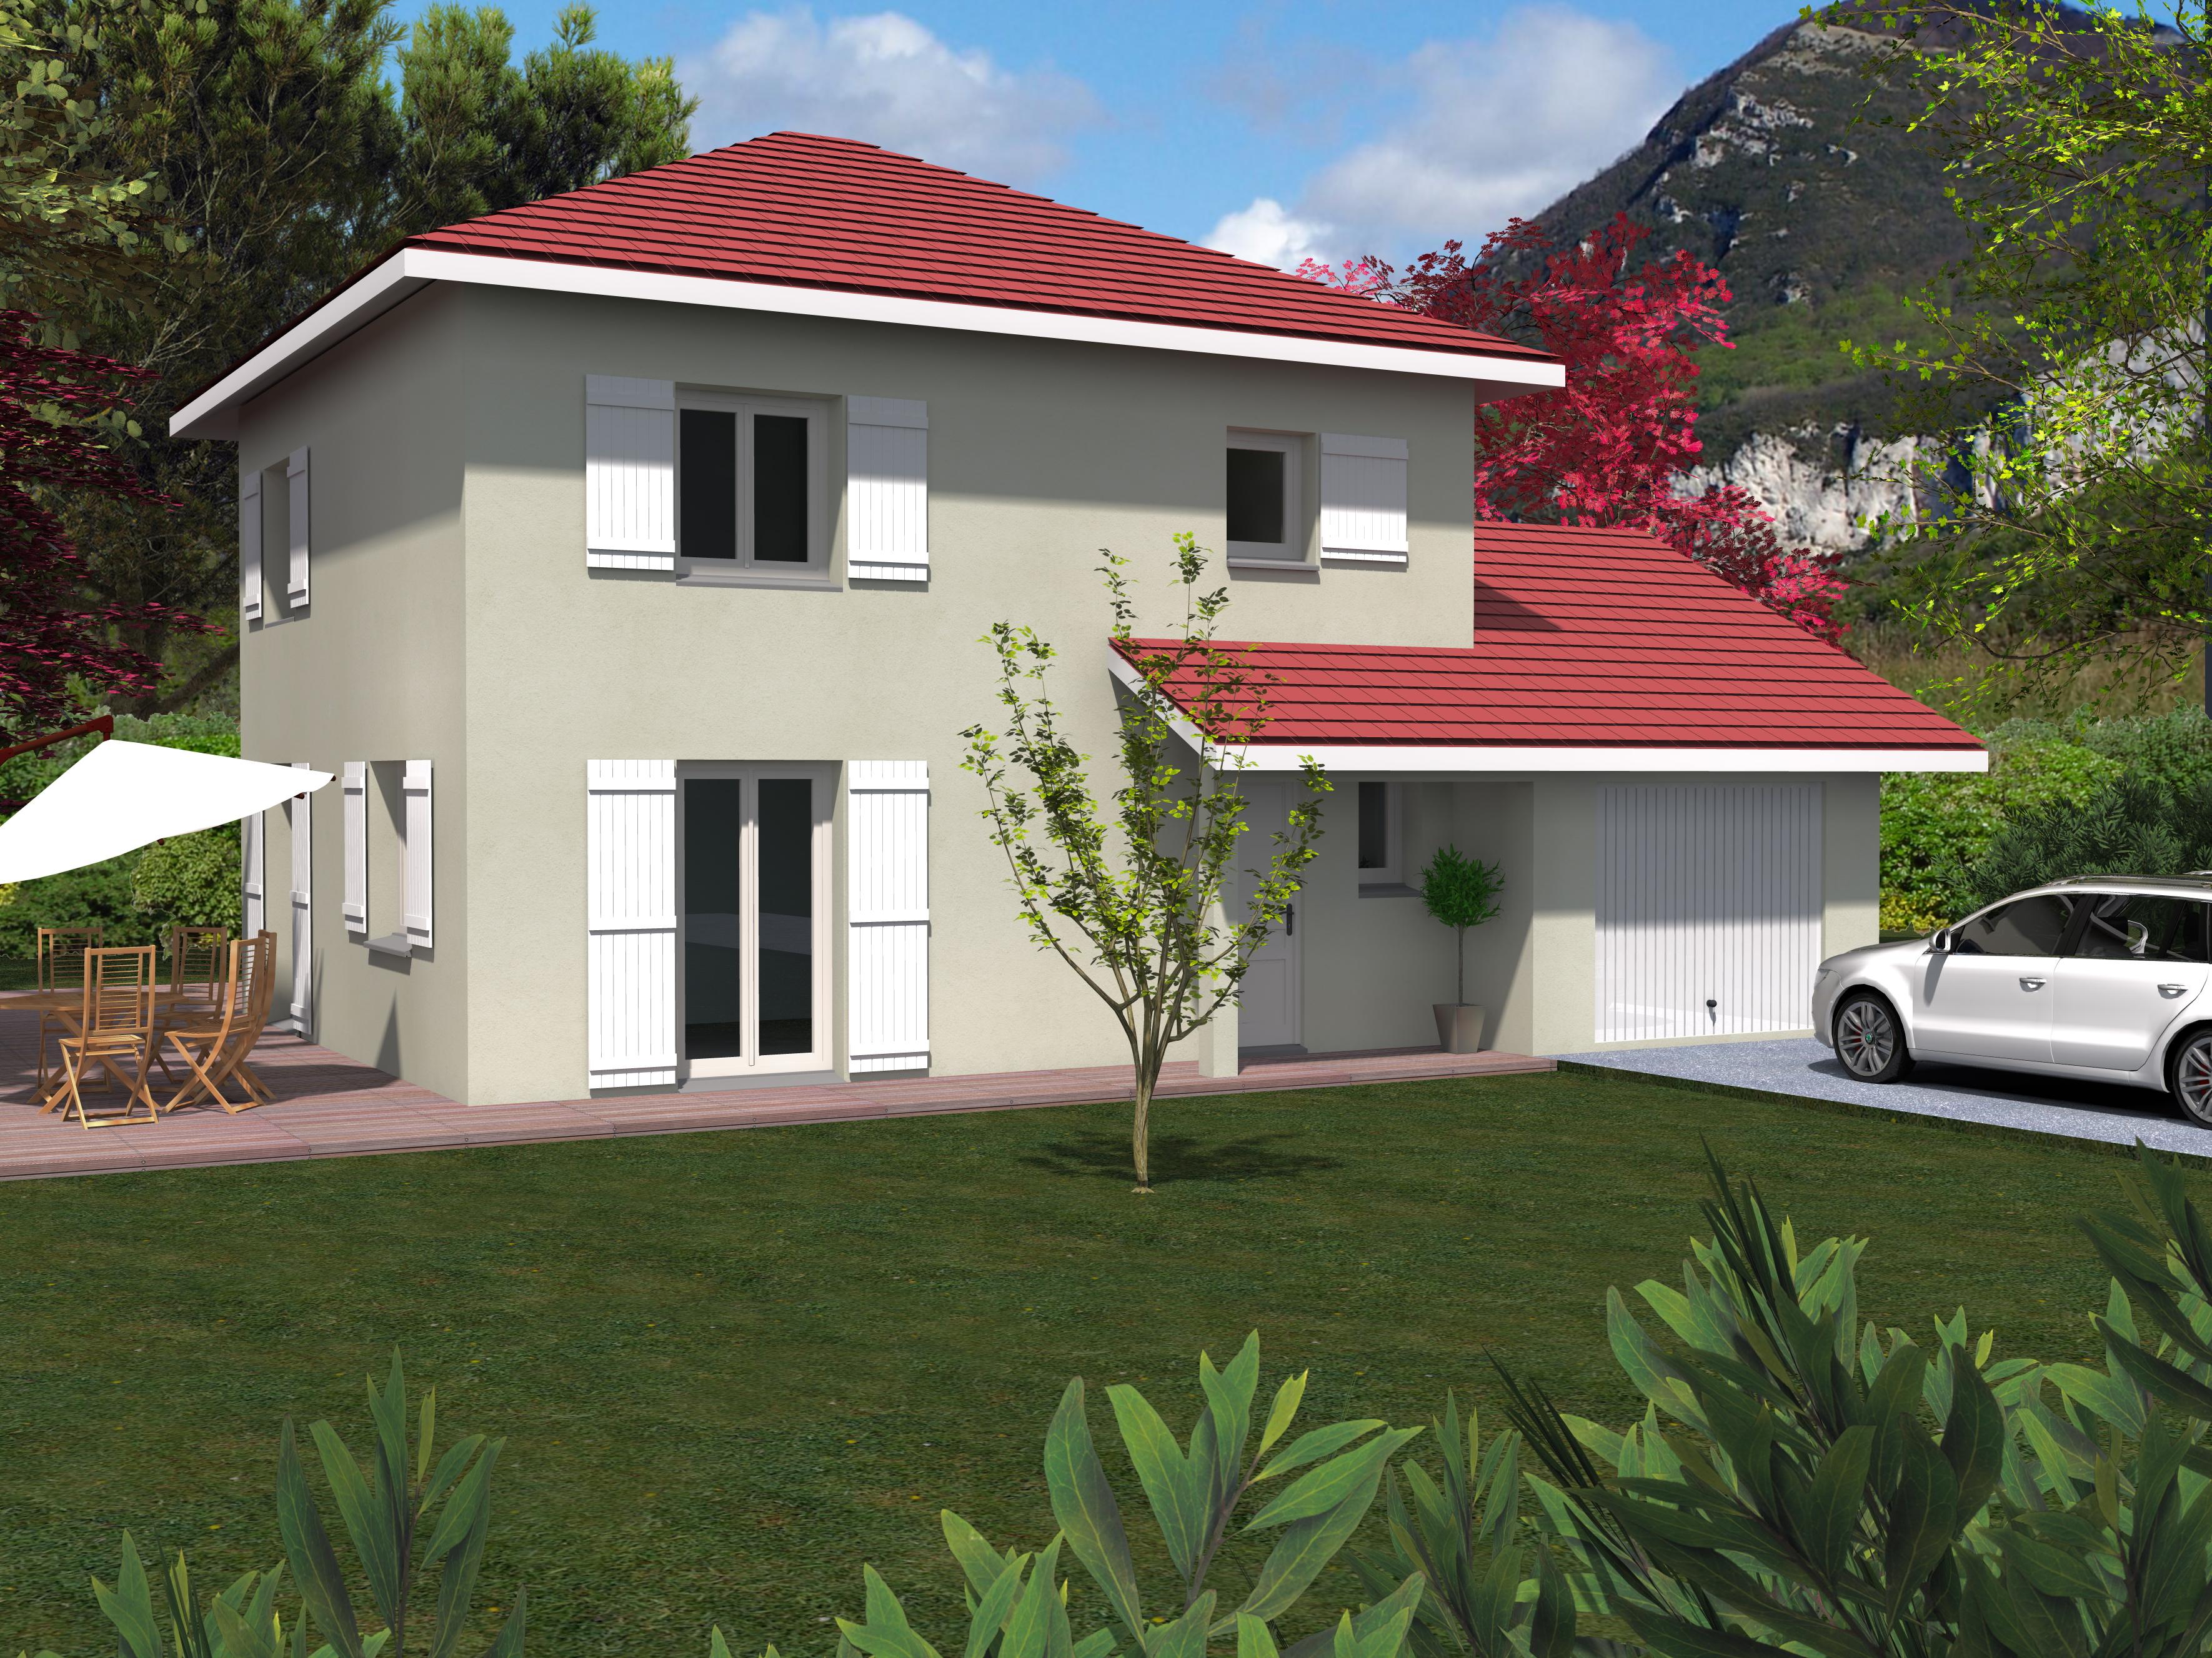 Maisons + Terrains du constructeur LVA LES VOIRONELLES • 90 m² • VOIRON